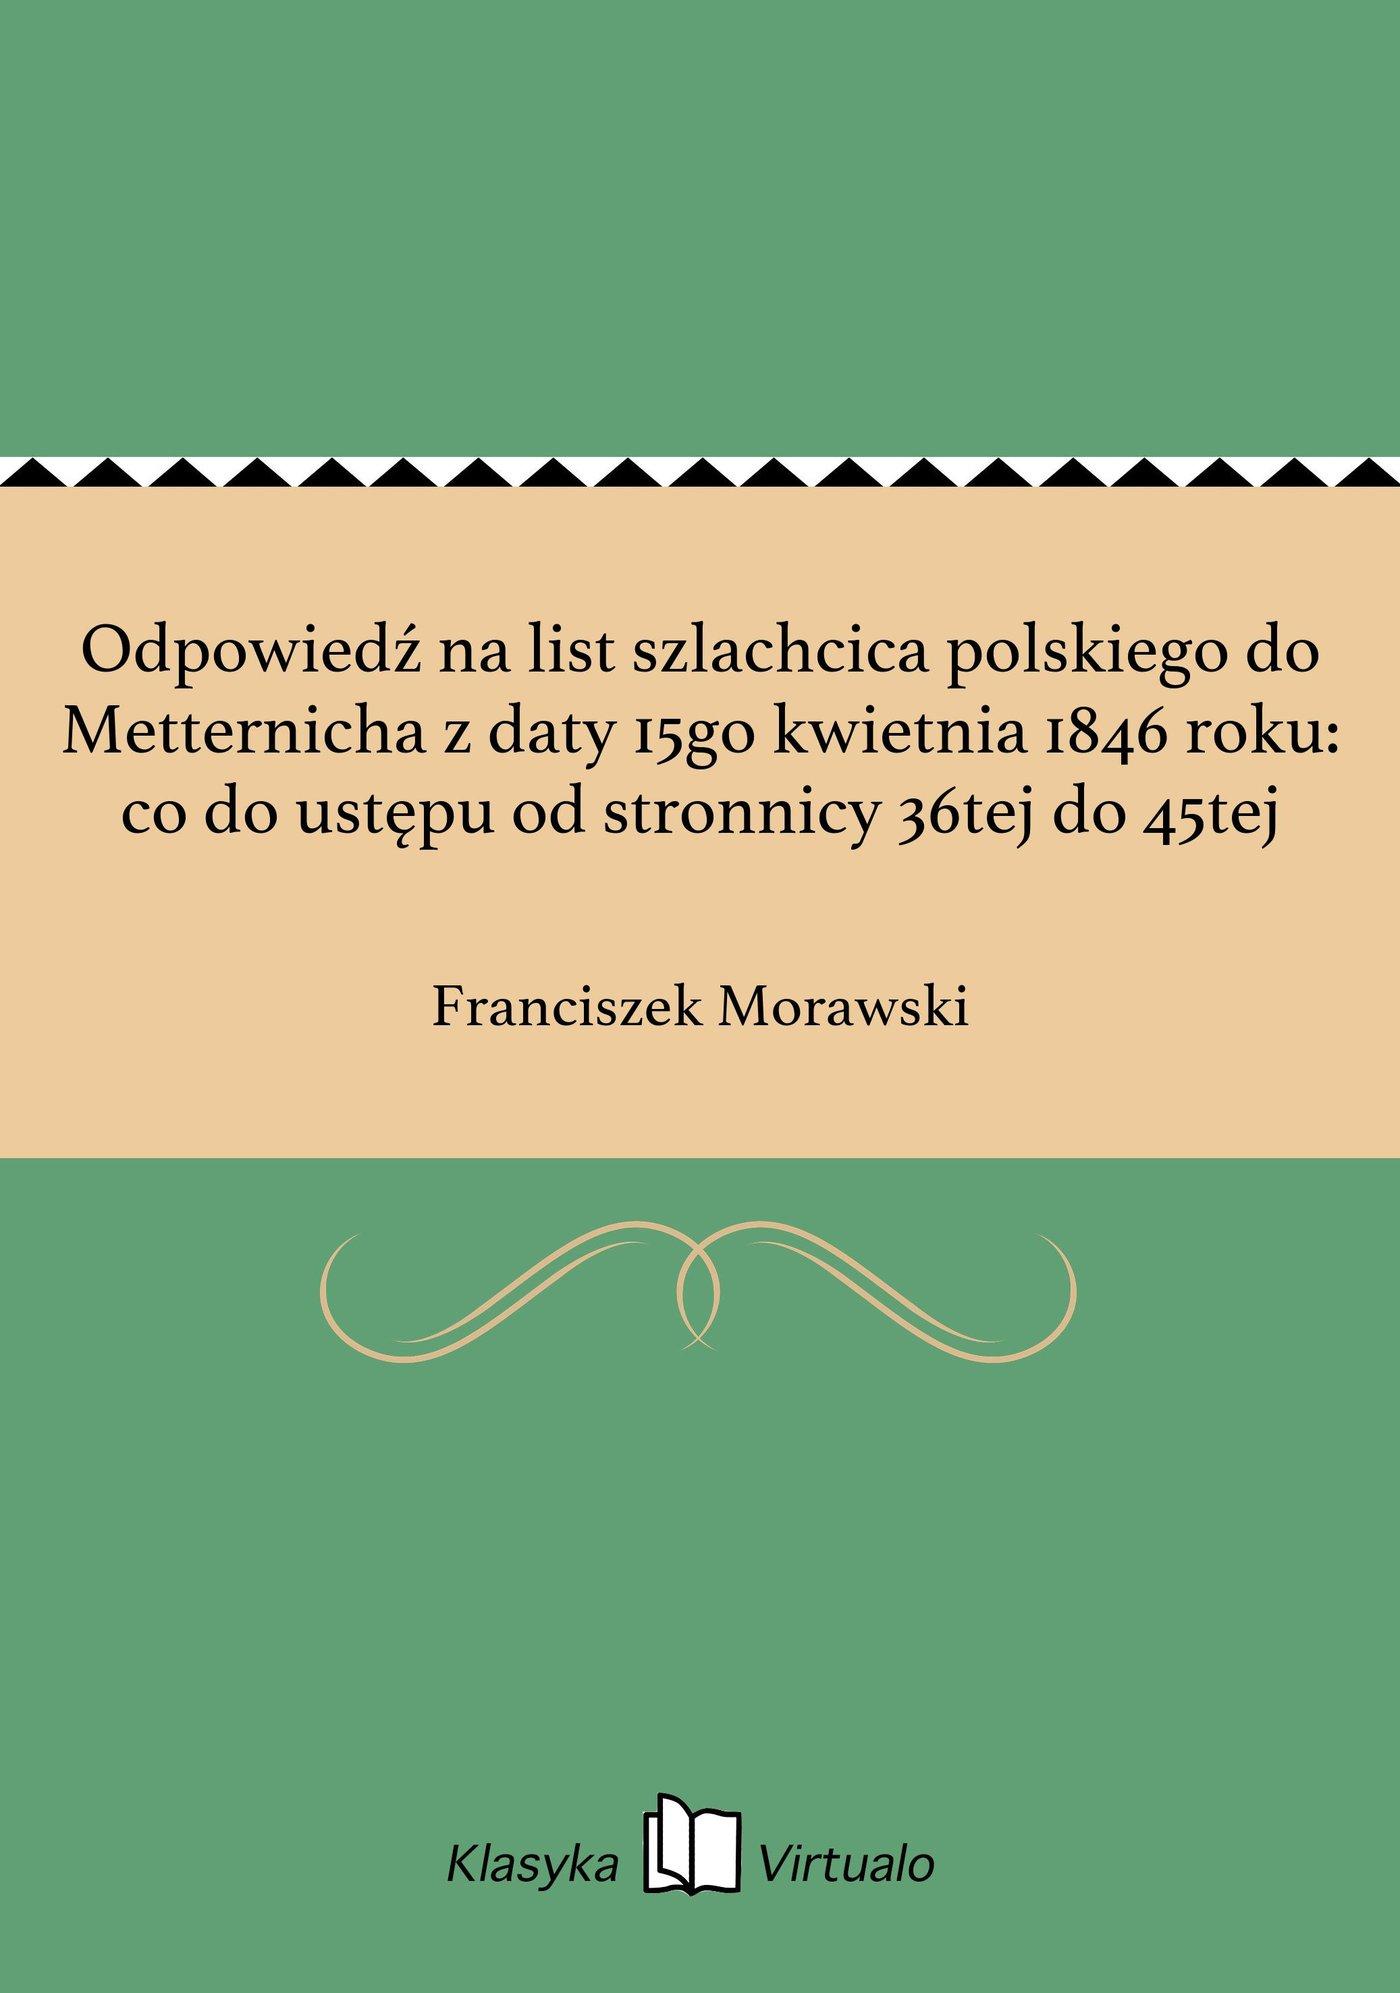 Odpowiedź na list szlachcica polskiego do Metternicha z daty 15go kwietnia 1846 roku: co do ustępu od stronnicy 36tej do 45tej - Ebook (Książka EPUB) do pobrania w formacie EPUB